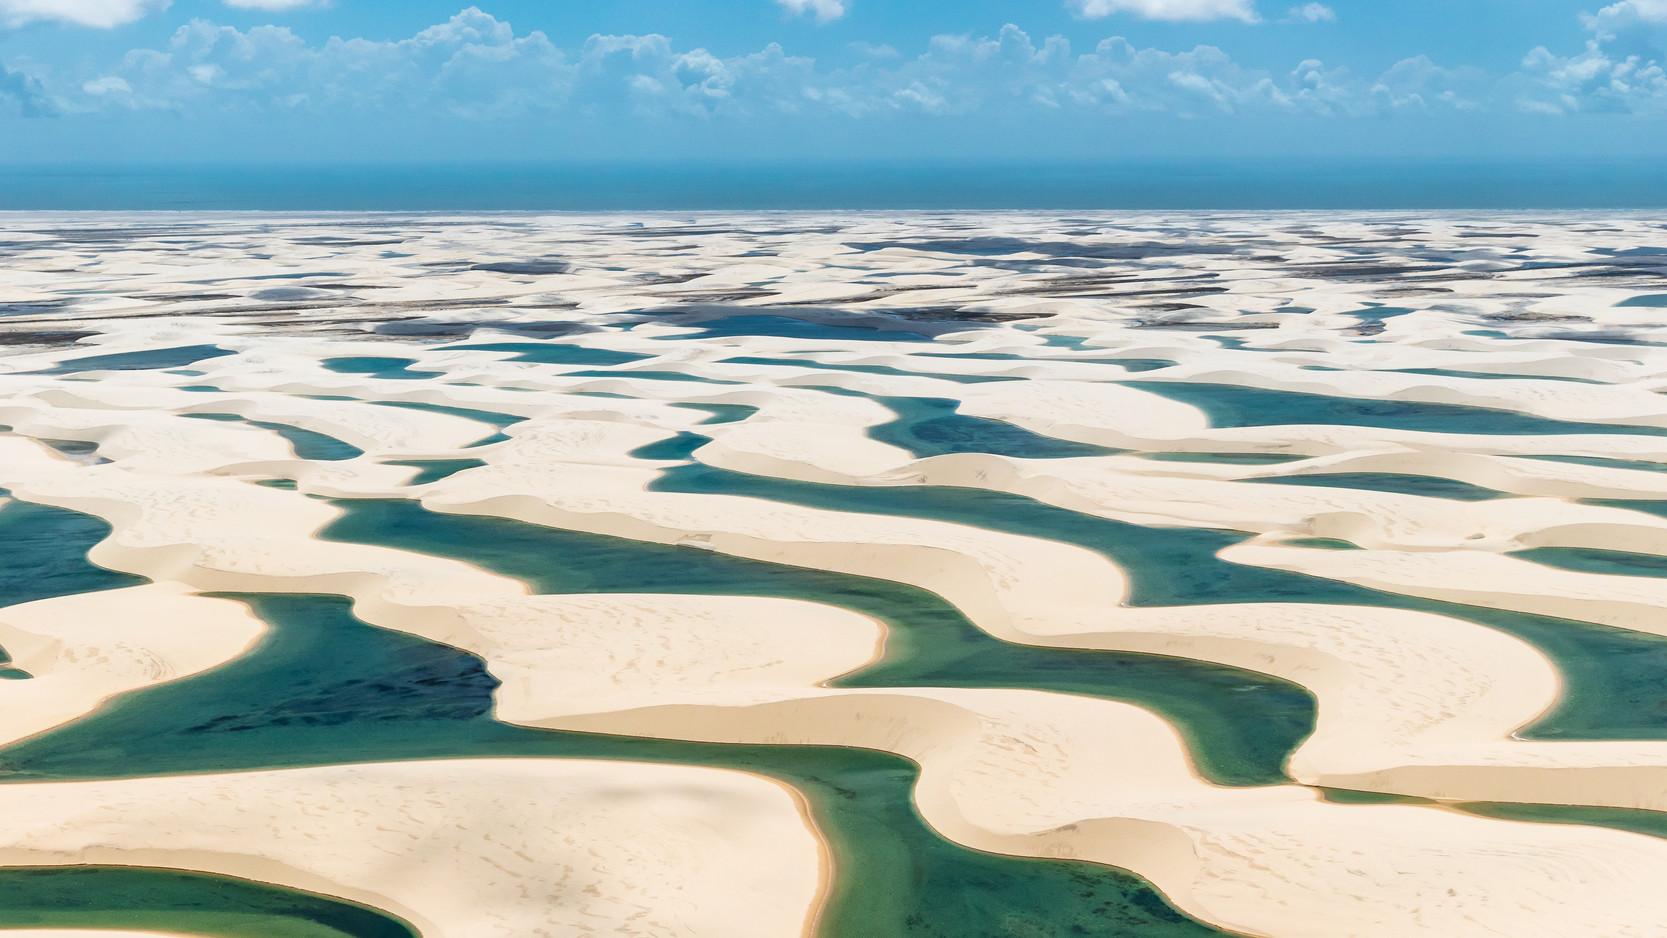 BRAZIL - LENCOIS MARANHENSES NATIONAL PARK